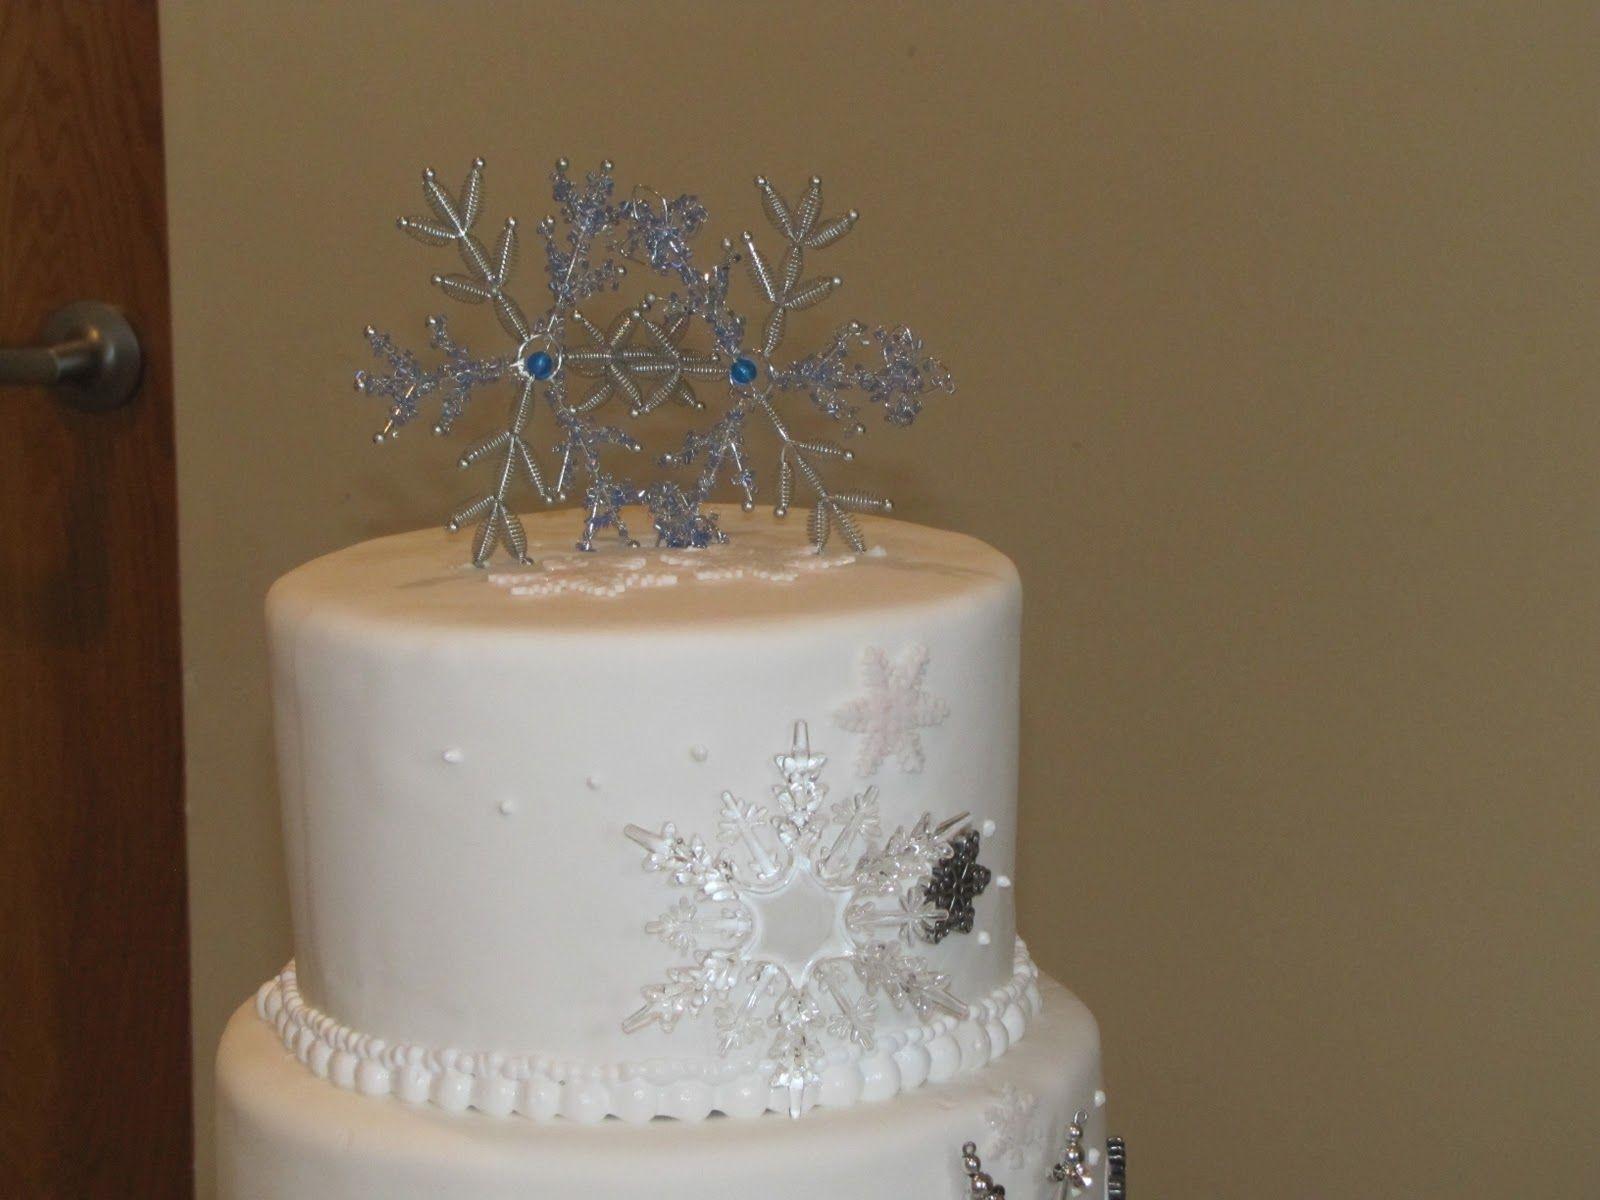 snowflake wedding cake toppers | TJ\'s Happy Cakes: Snowflake Wedding ...